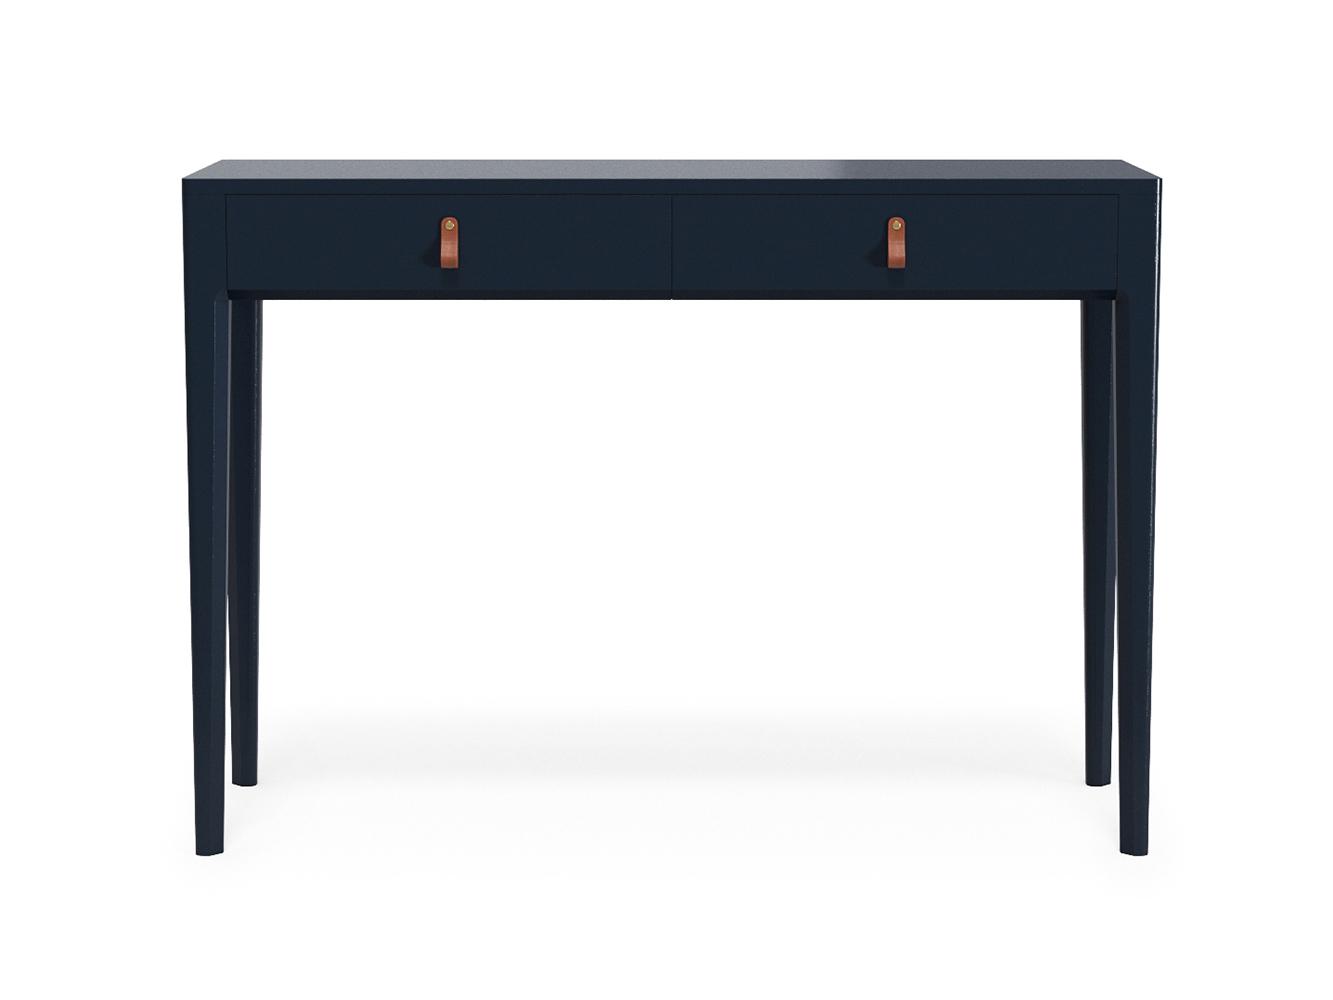 Консольный стол CASEКонсоли с ящиками<br>Универсальный консольный или косметический столик. Небольшая глубина позволяет использовать стол в узком коридоре или комнате.&amp;lt;div&amp;gt;&amp;lt;br&amp;gt;&amp;lt;/div&amp;gt;&amp;lt;div&amp;gt;Материал: Массив дуба, Натуральный шпон дуба, МДФ, Эмаль, ДСП&amp;lt;br&amp;gt;&amp;lt;/div&amp;gt;<br><br>Material: Дерево<br>Ширина см: 120<br>Высота см: 80<br>Глубина см: 40